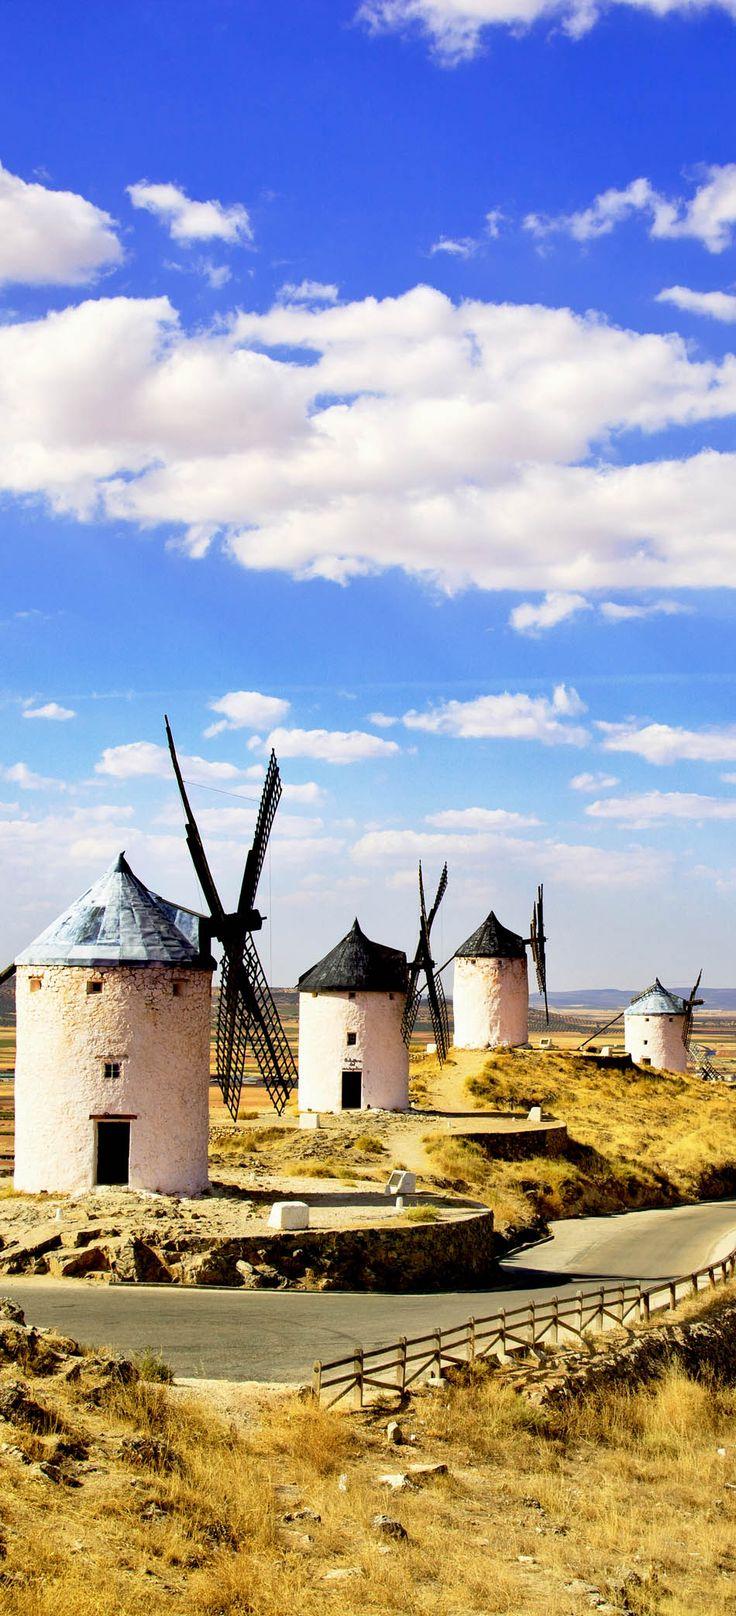 Molinos de viento en Castilla-La Mancha, la región vinícola más grande de España | 24 razones por las que España debe estar en su lista de cubo. Increíble no. # 10